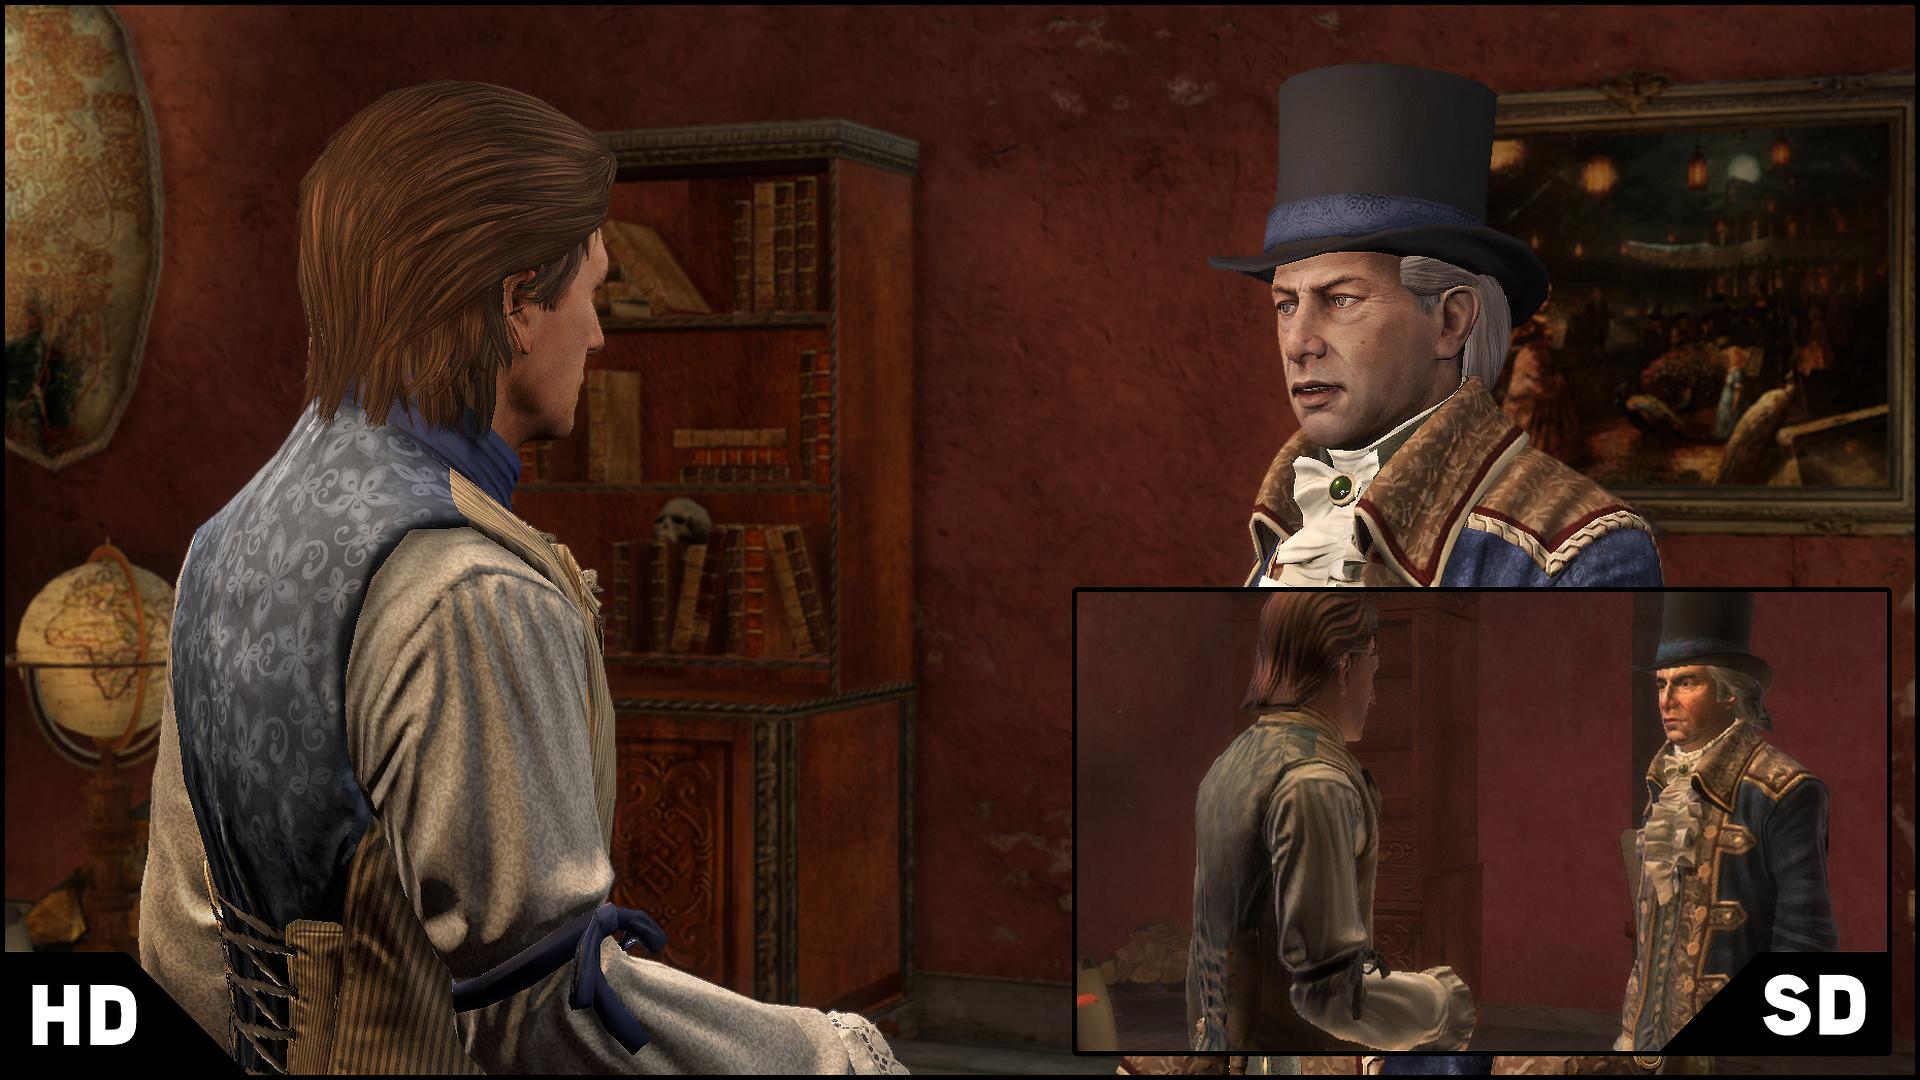 Nové obrázky z Assassin's Creed: Liberation HD 91469